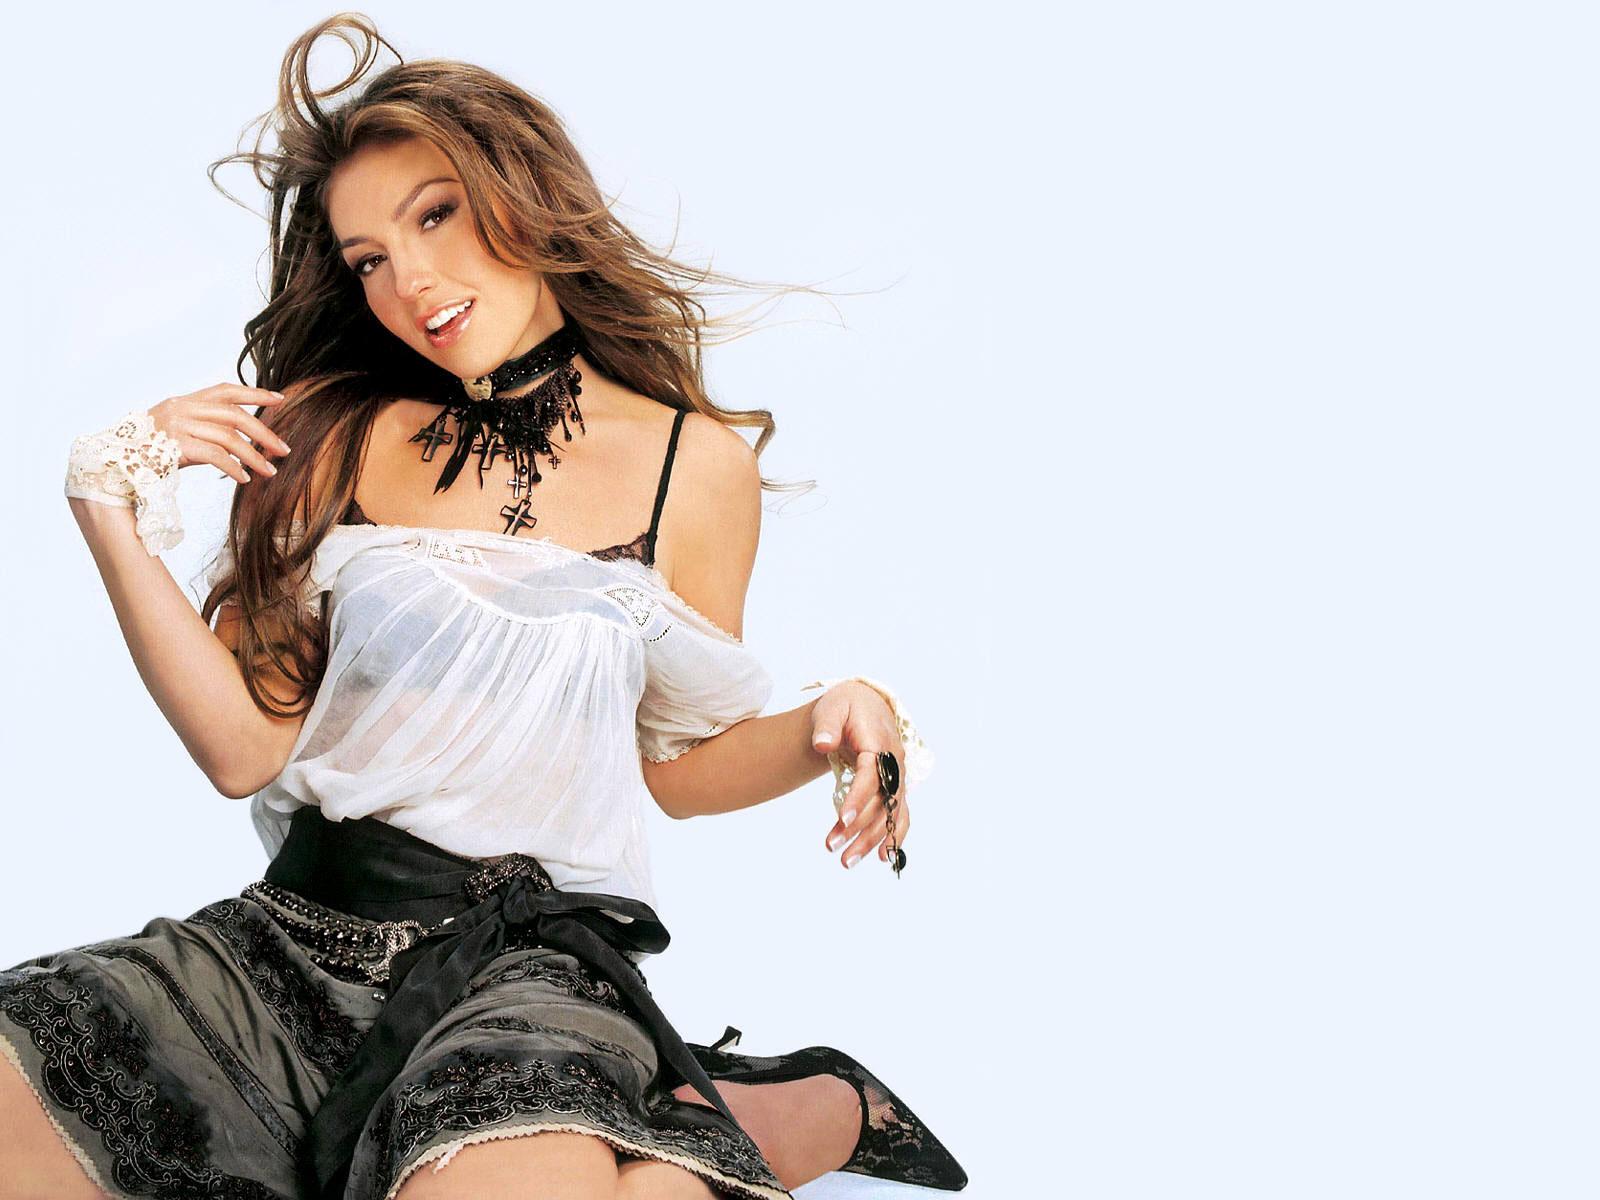 Thalia Smile - Thalia Smile